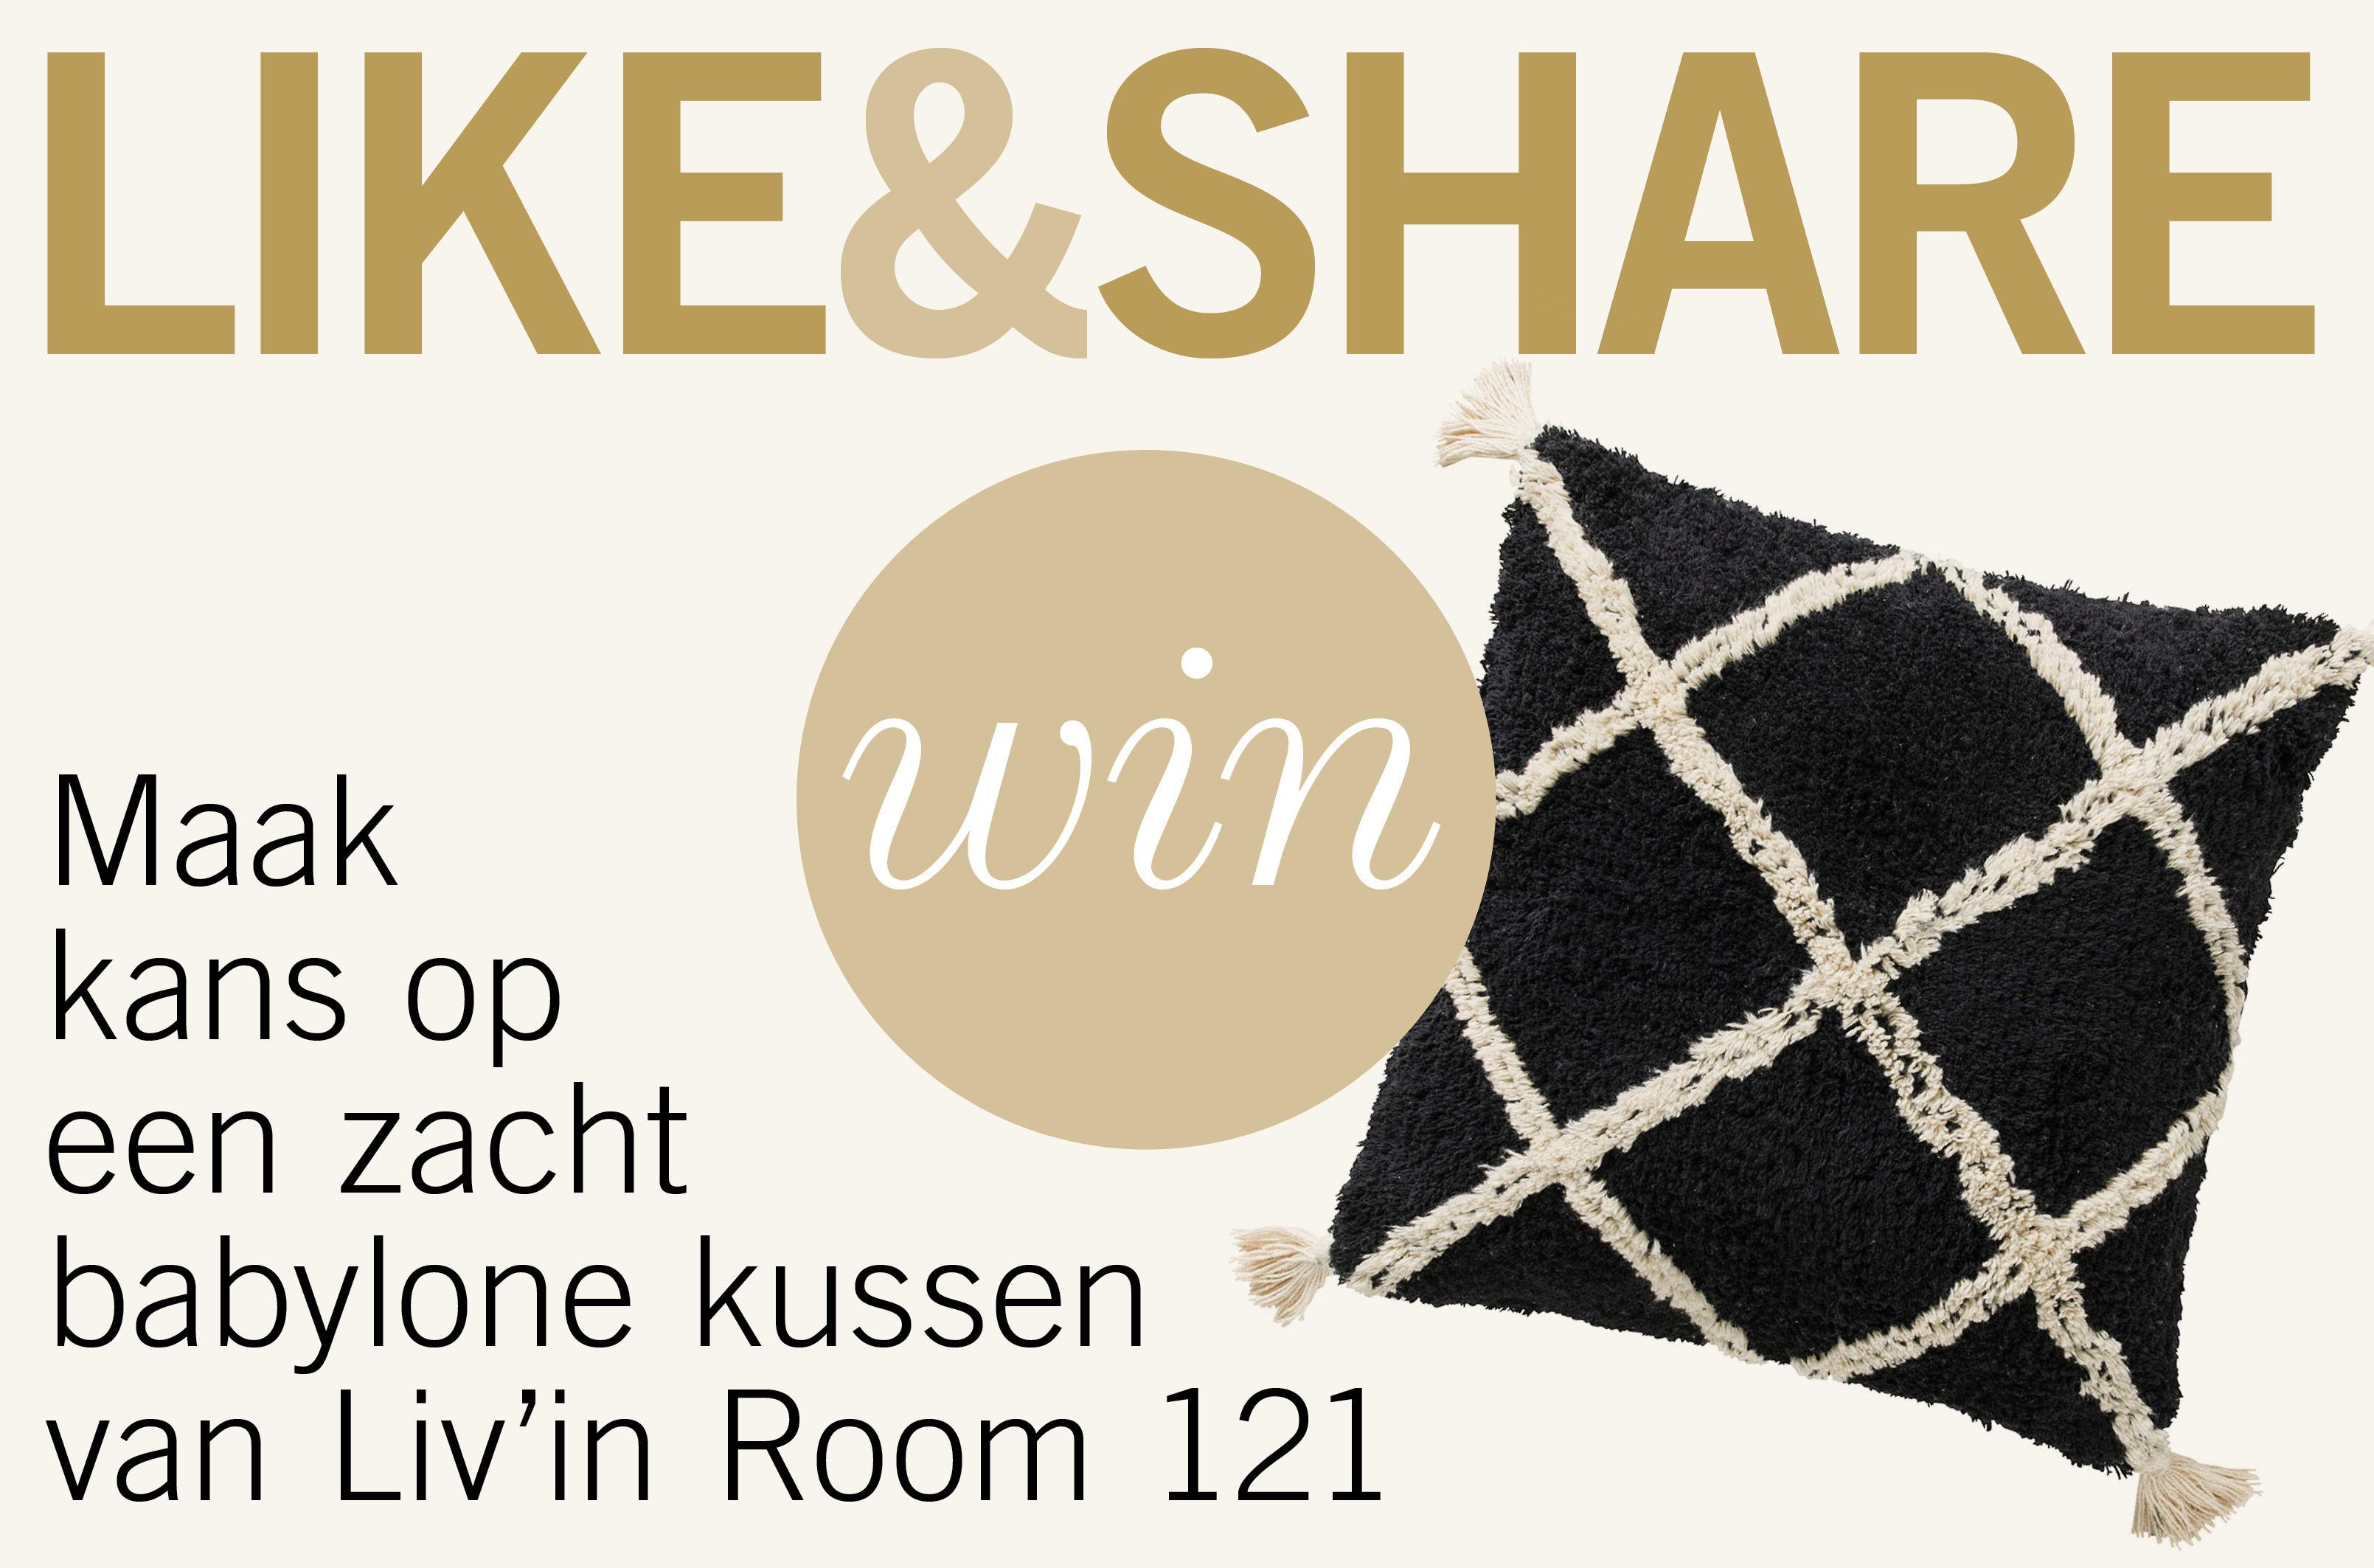 Maak kans op een zacht babylone kussen van Liv'in Room 121